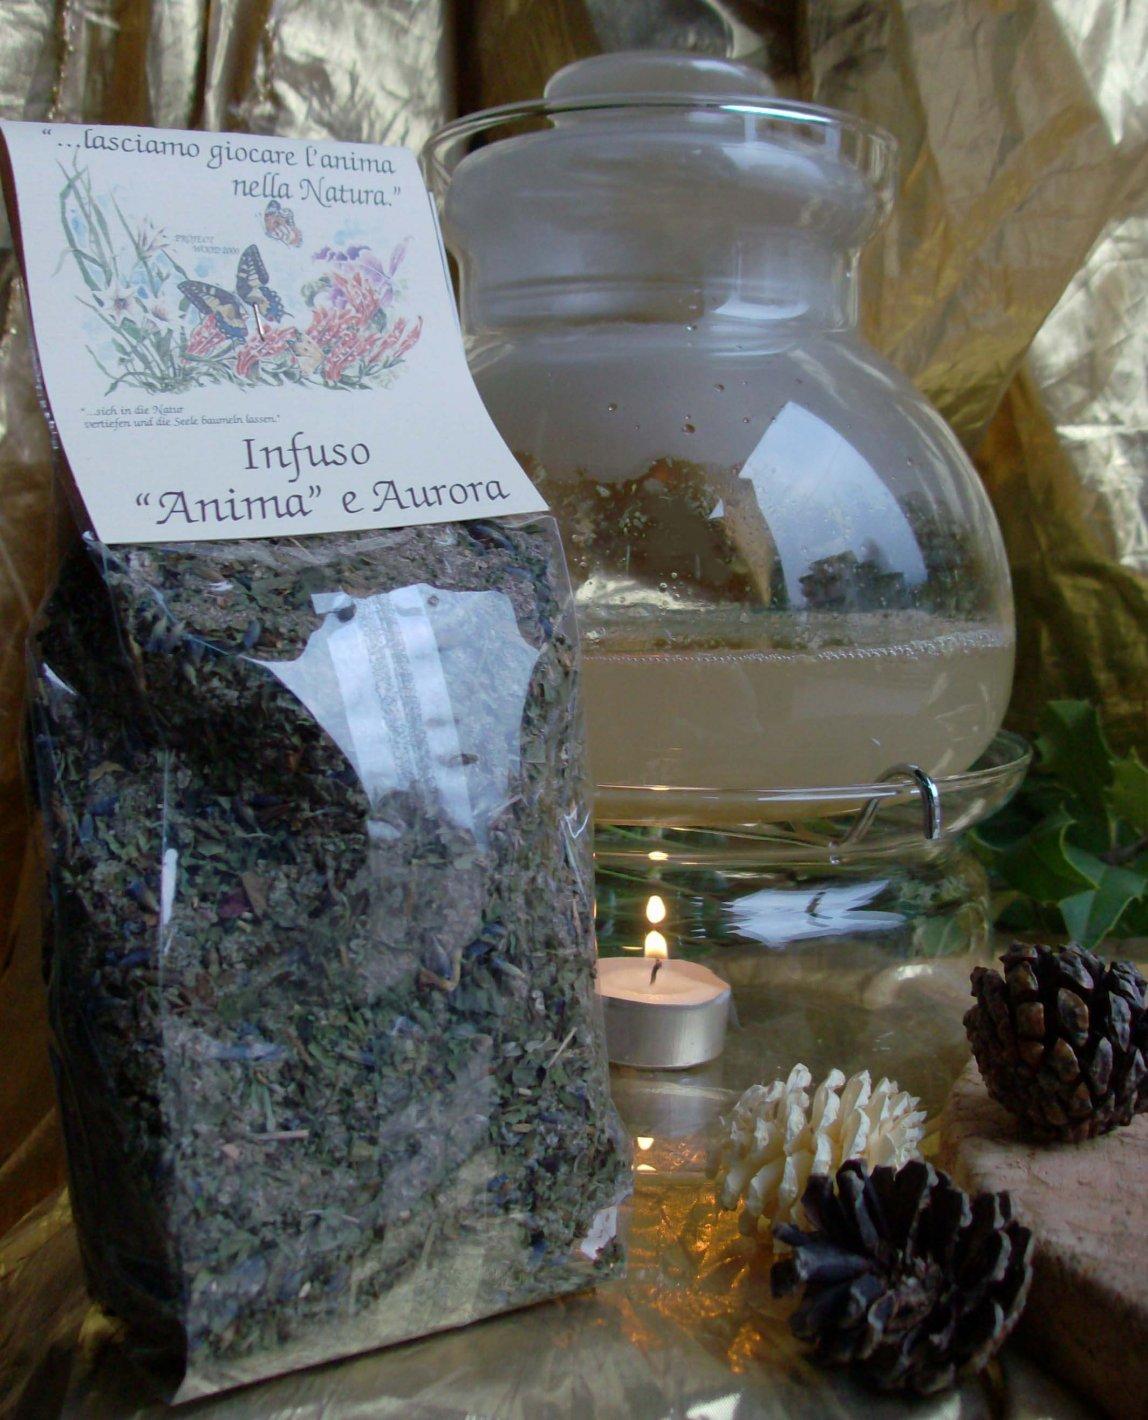 INFUSO ANIMA E AURORA 5.00€ Infuso naturale d'erbe e fiori di Lampone Selvaggio, Menta piperita,Melissa,Lavanda; Ottimo da degustare freddo e caldo